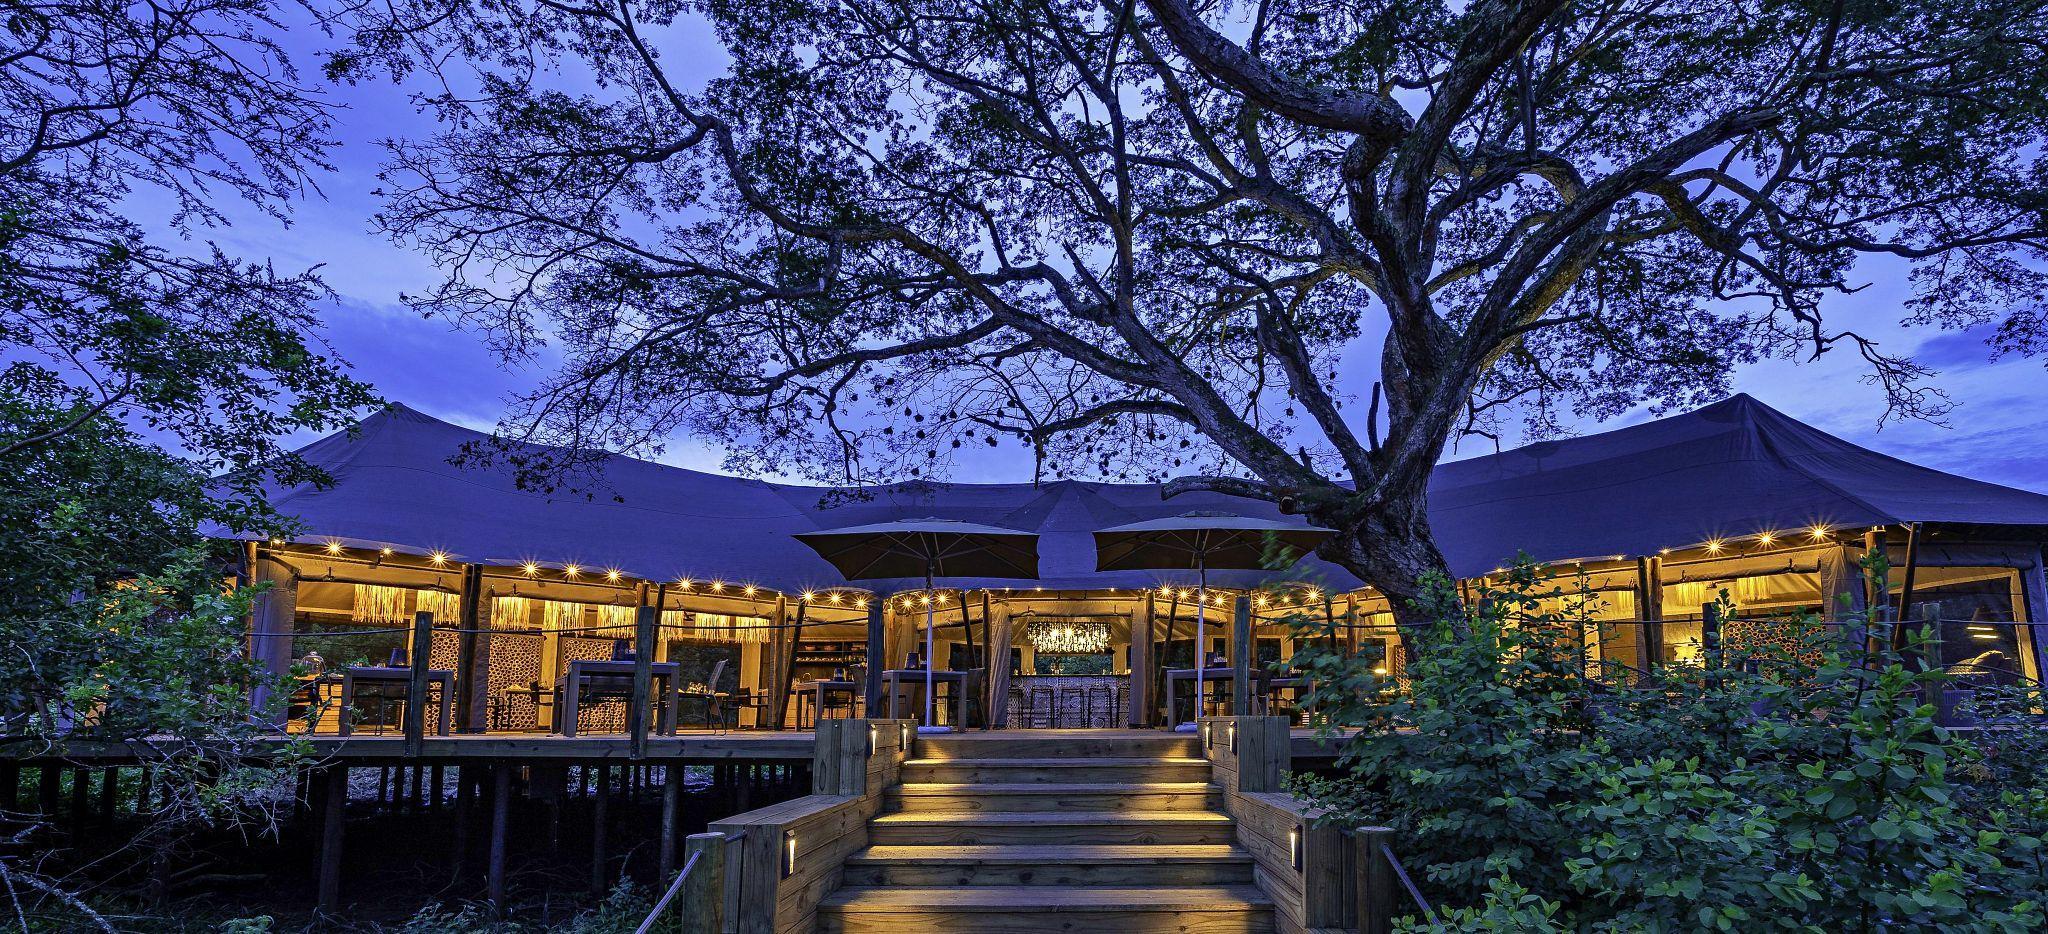 Das Hauptgebäude des Hotels Magashi, in der Ruandischen Wildnis